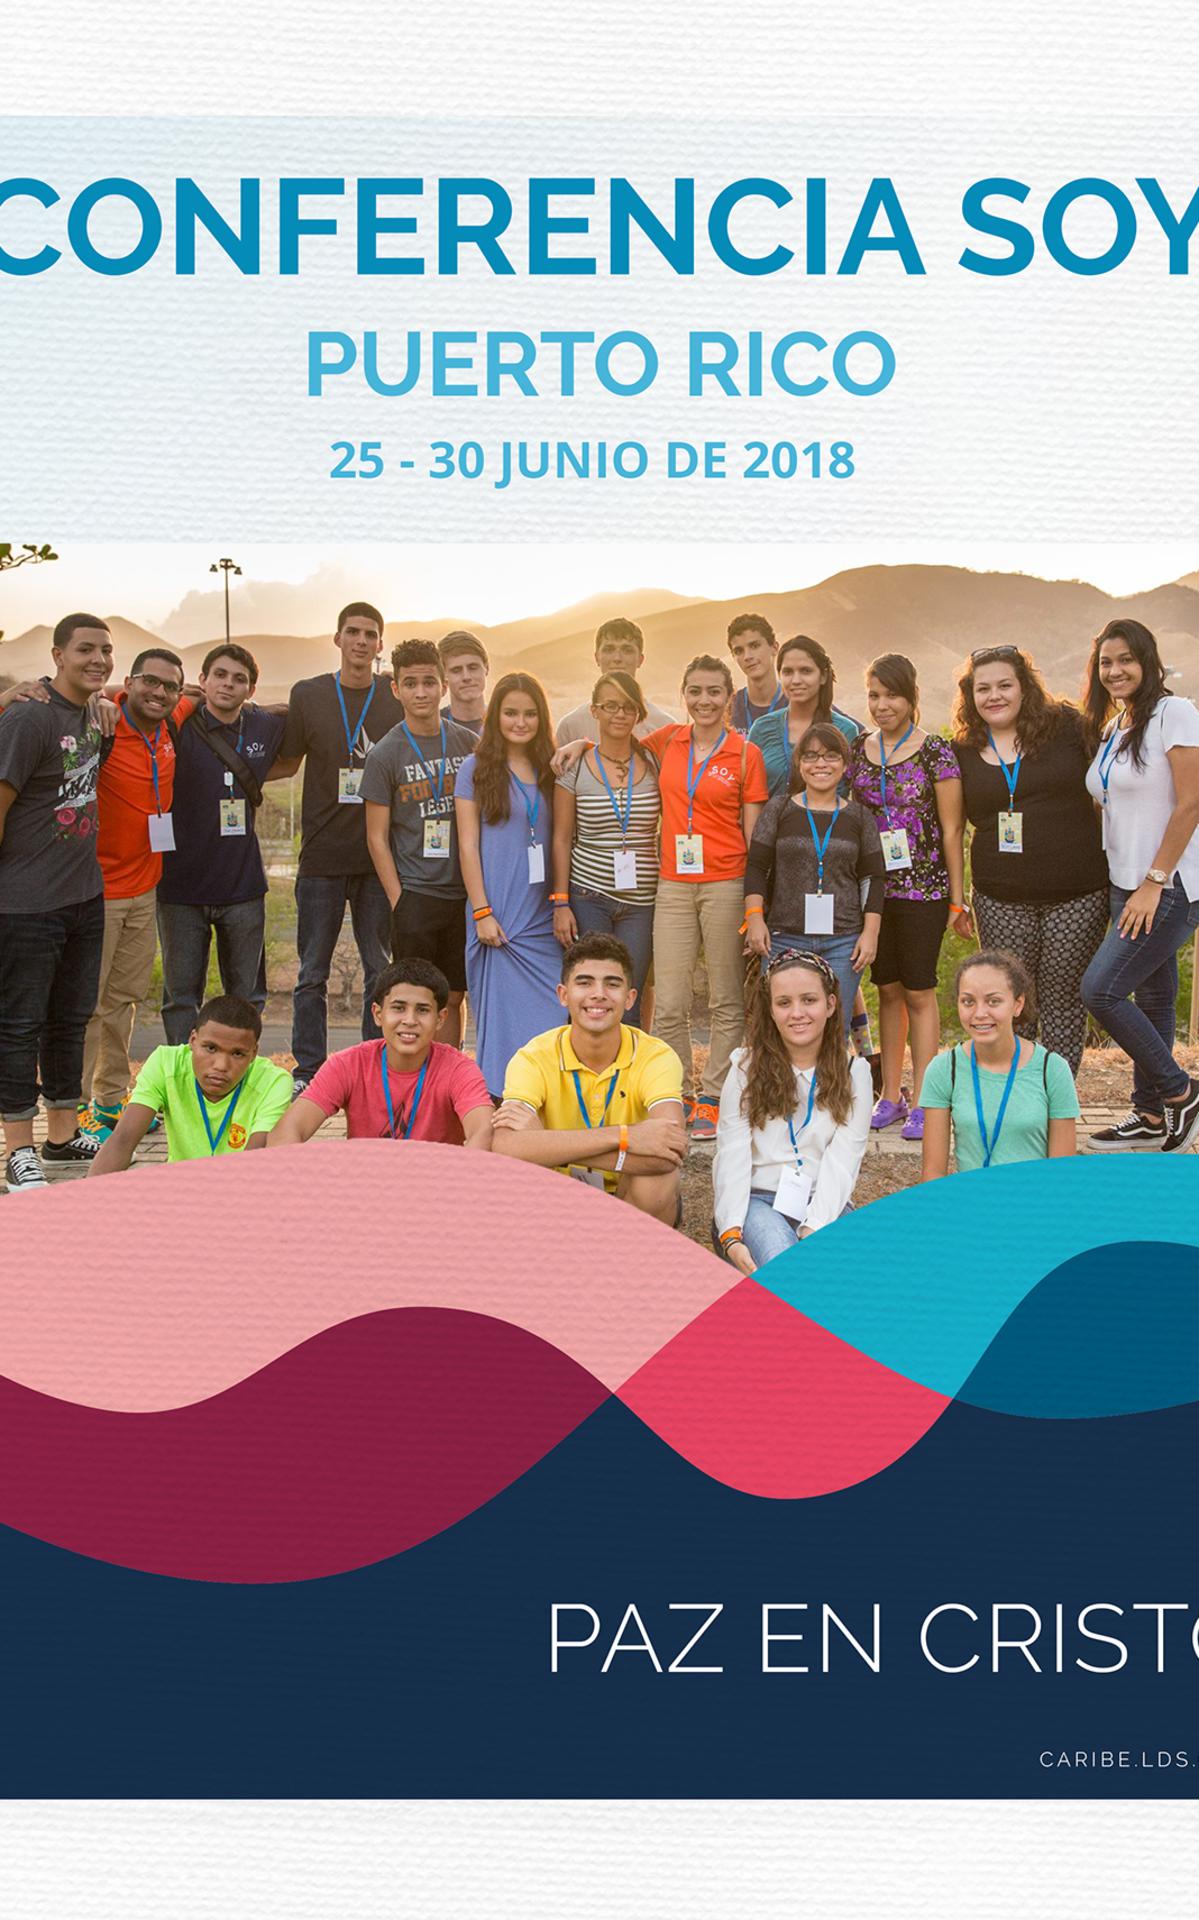 Conferencia Soy Puerto Rico